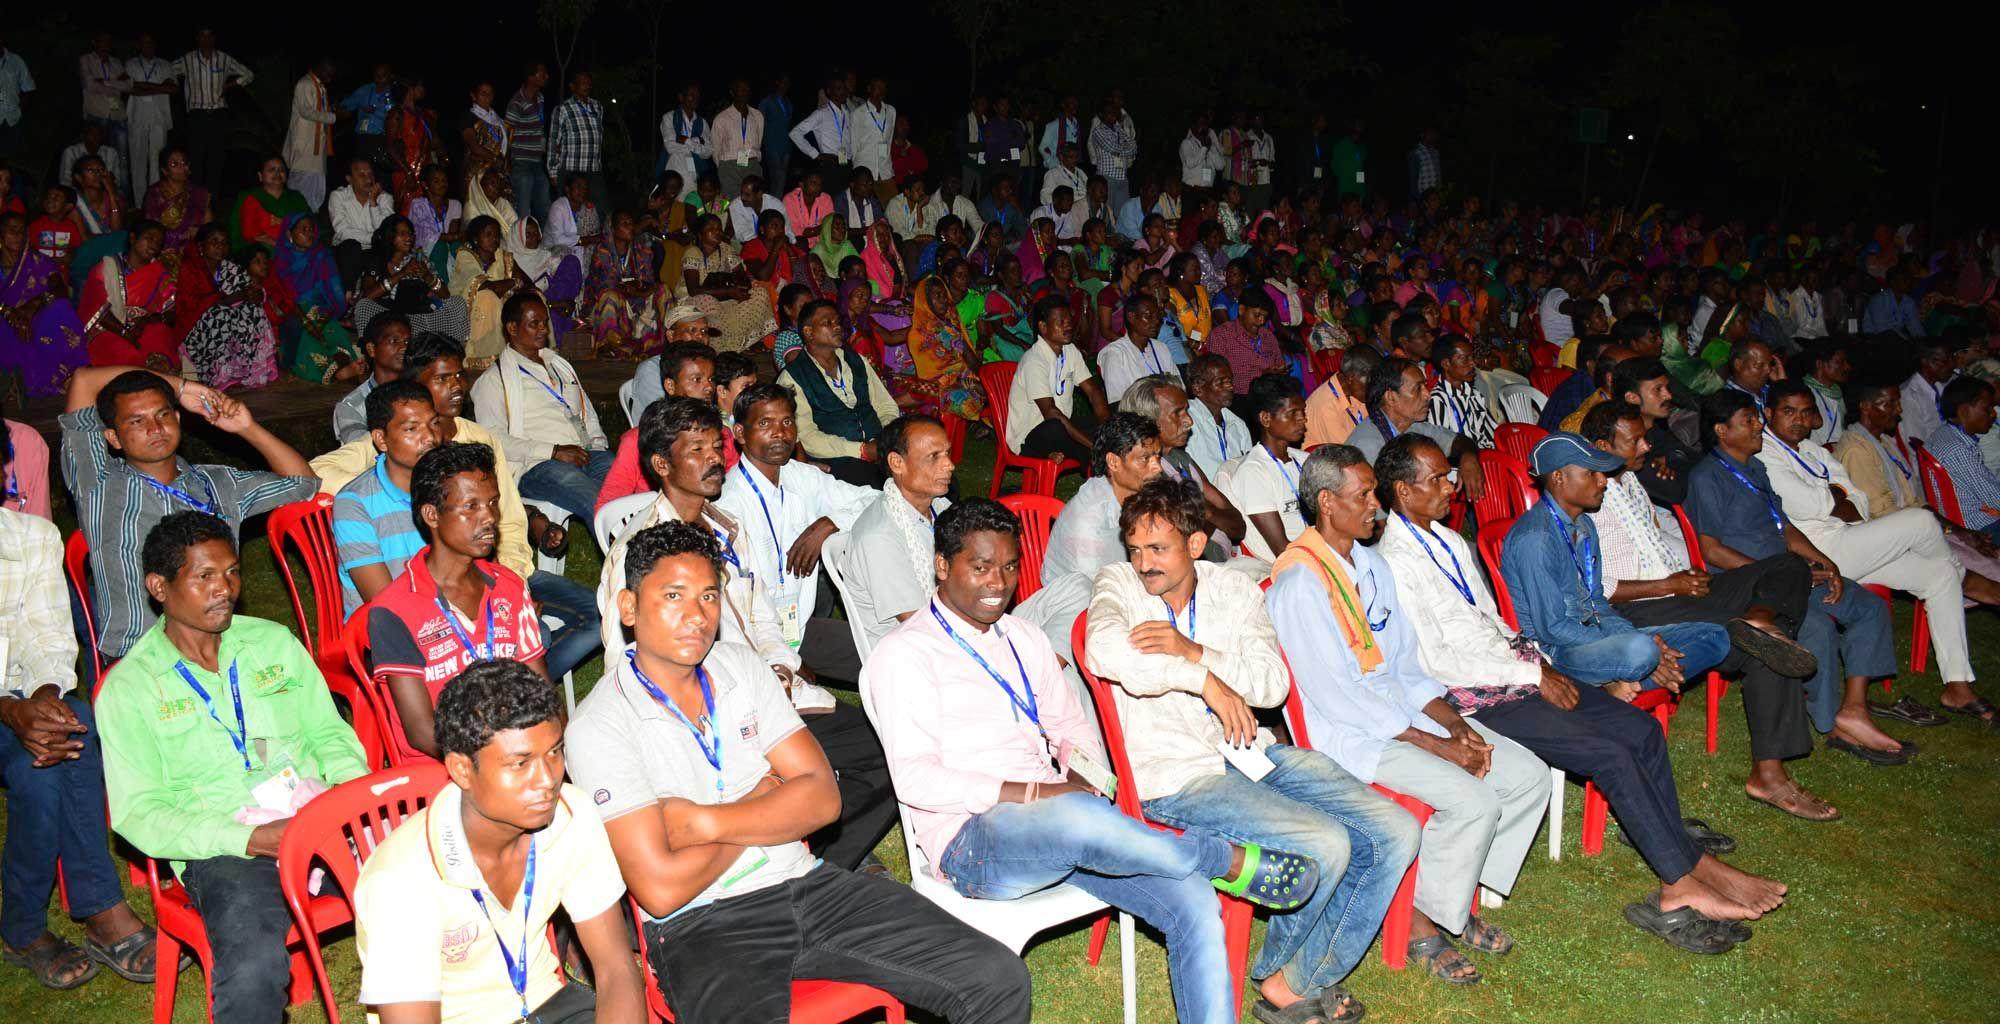 नया रायपुर स्थित पुरखौती मुक्तांगन में जशपुर, कोरिया, कोरबा एवं रायगढ़https://www.facebook.com/hamarcg2016/posts/1034989726599213